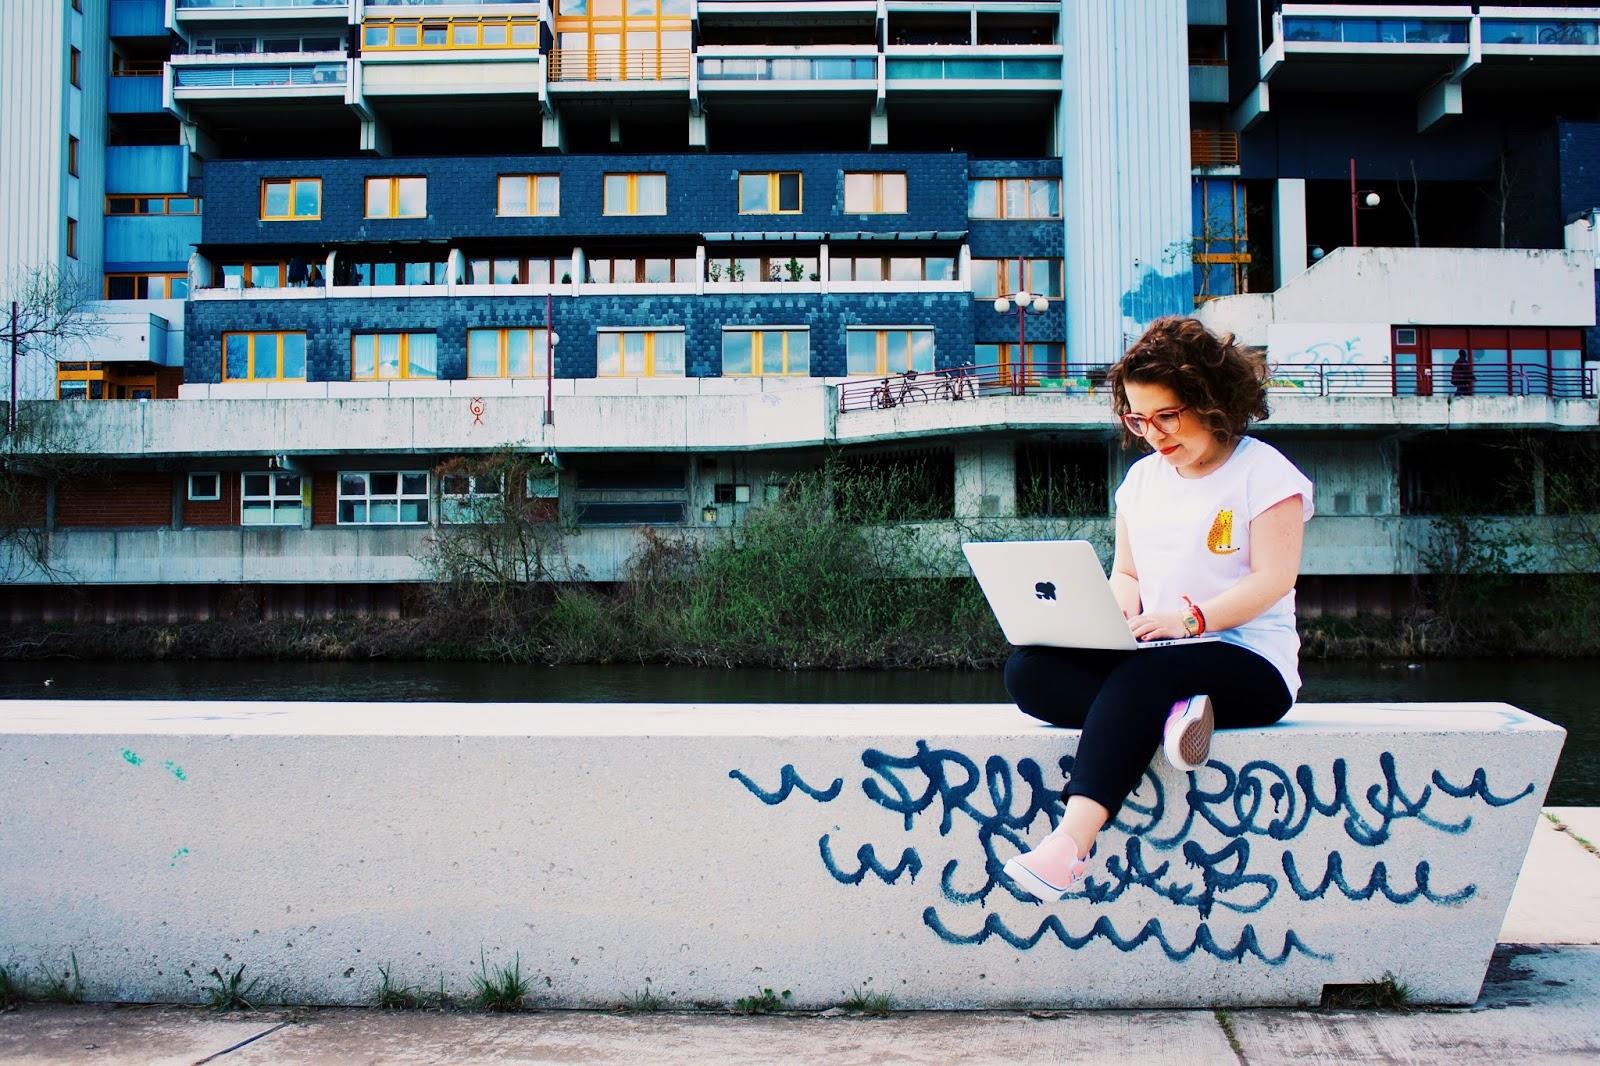 Frau am Laptop, sitzt auf einer Steinbank vor einem Flussufer, hinter dem sich ein Hochhaus abzeichnet